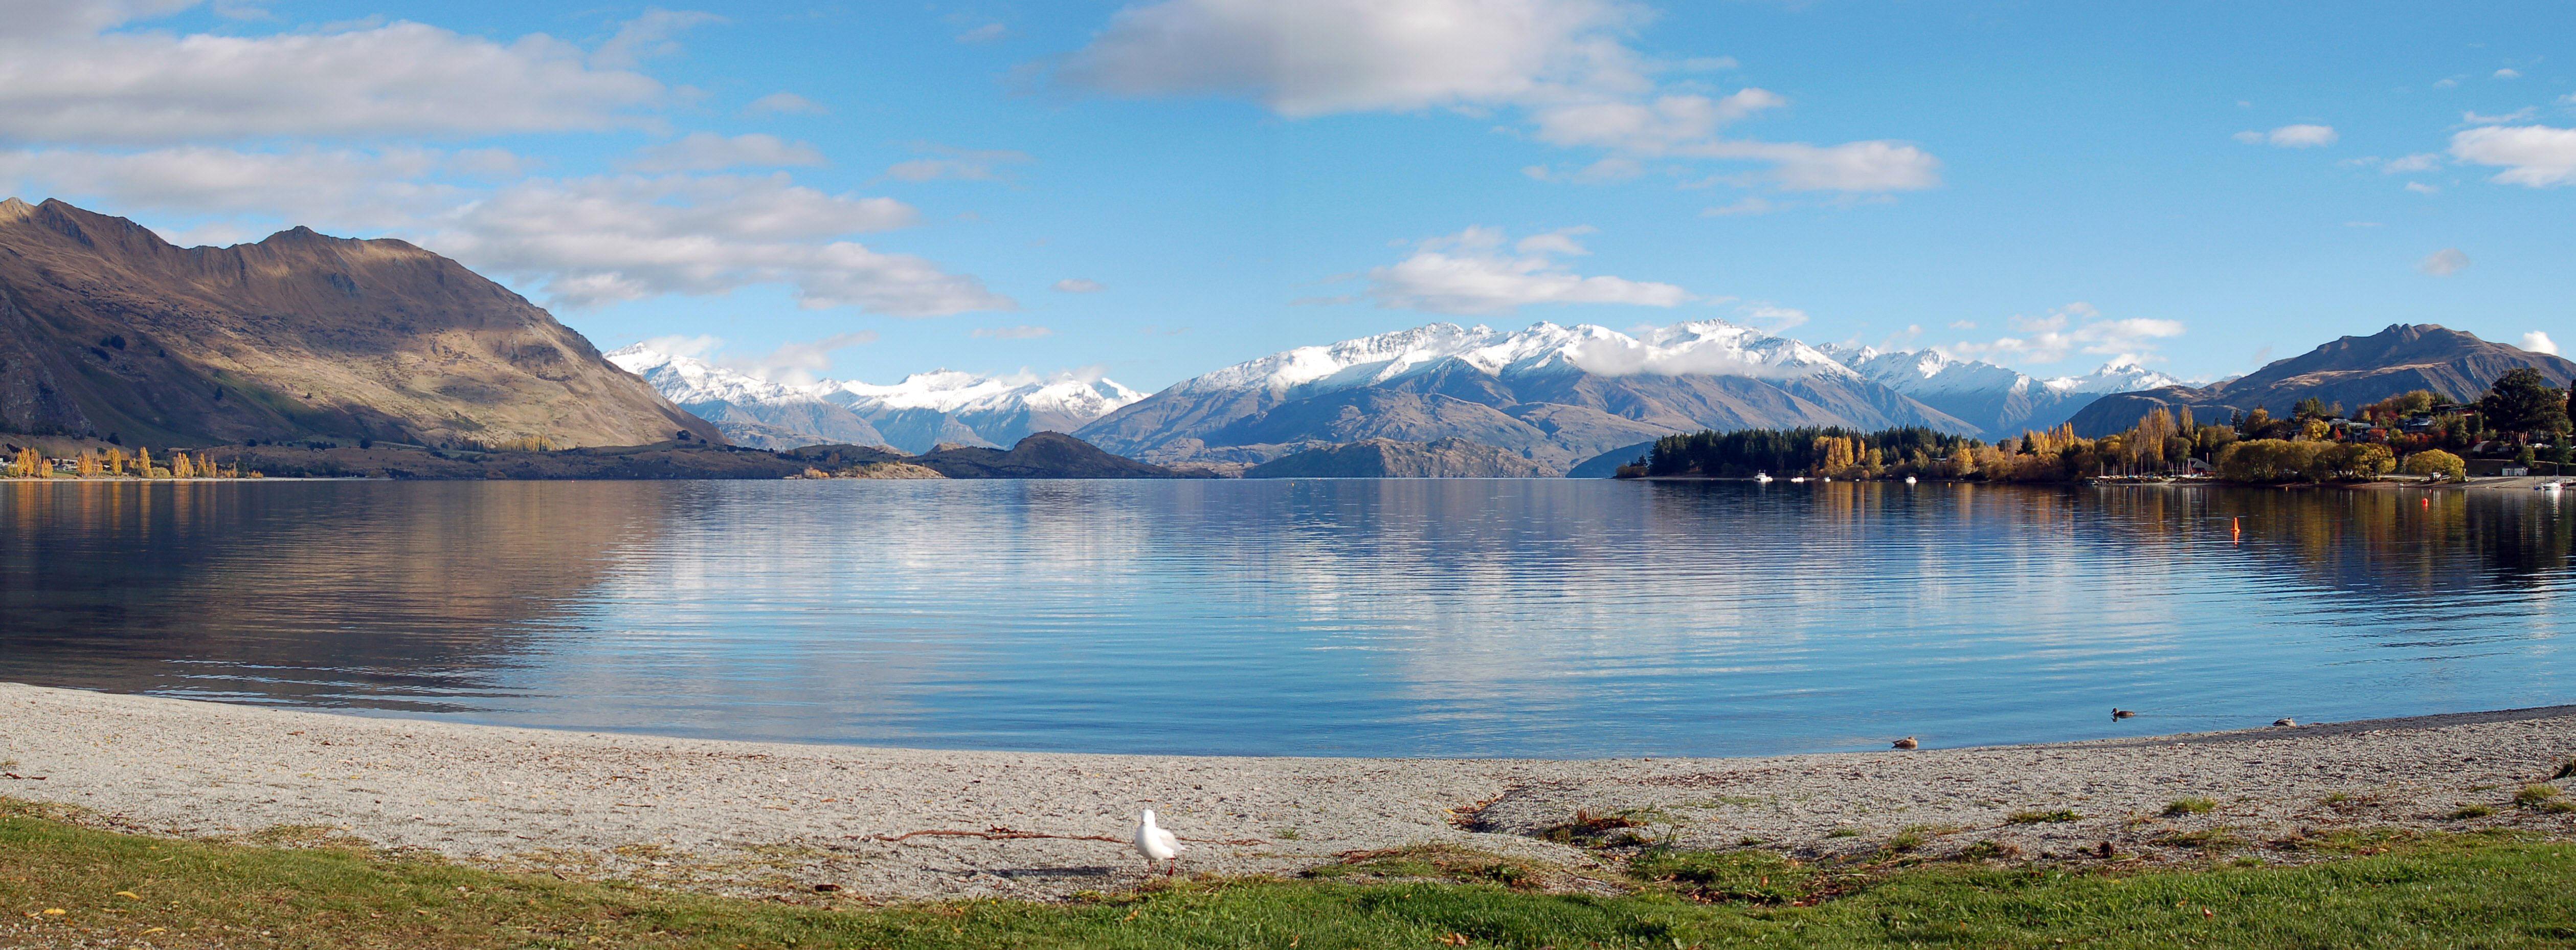 Lake-Wanaka-Panoramic